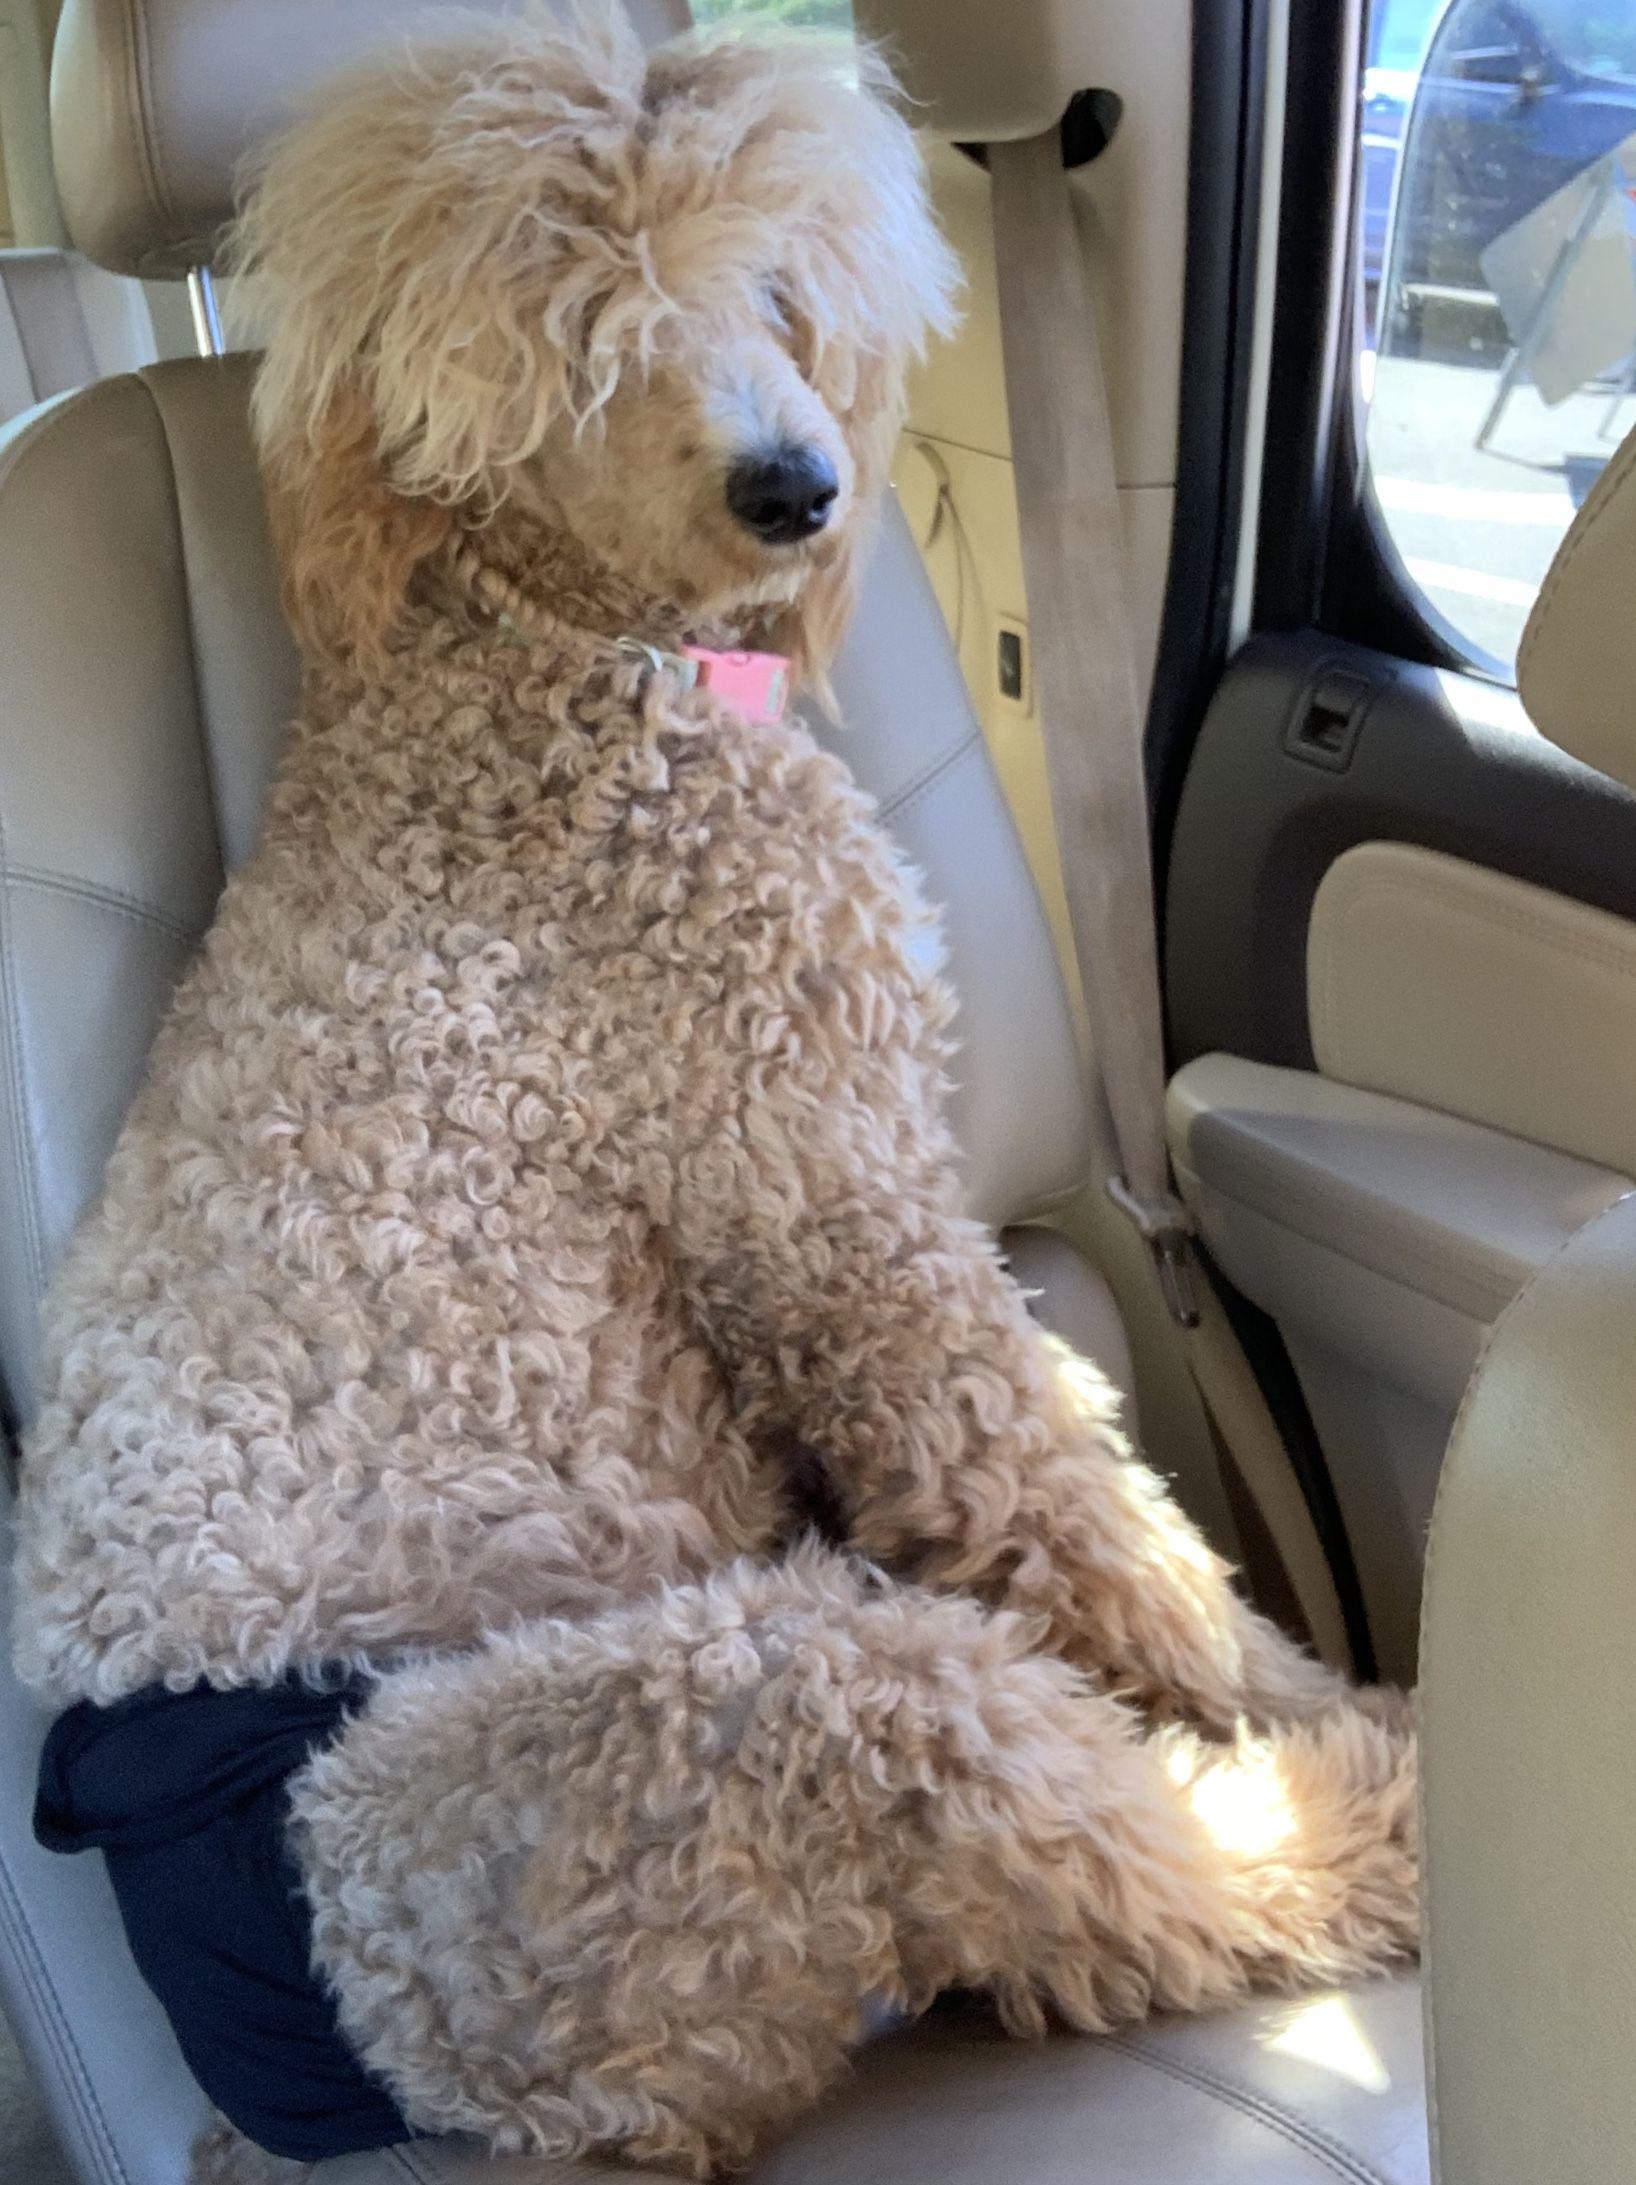 girlproblems standardpoodlefemale Standard poodle